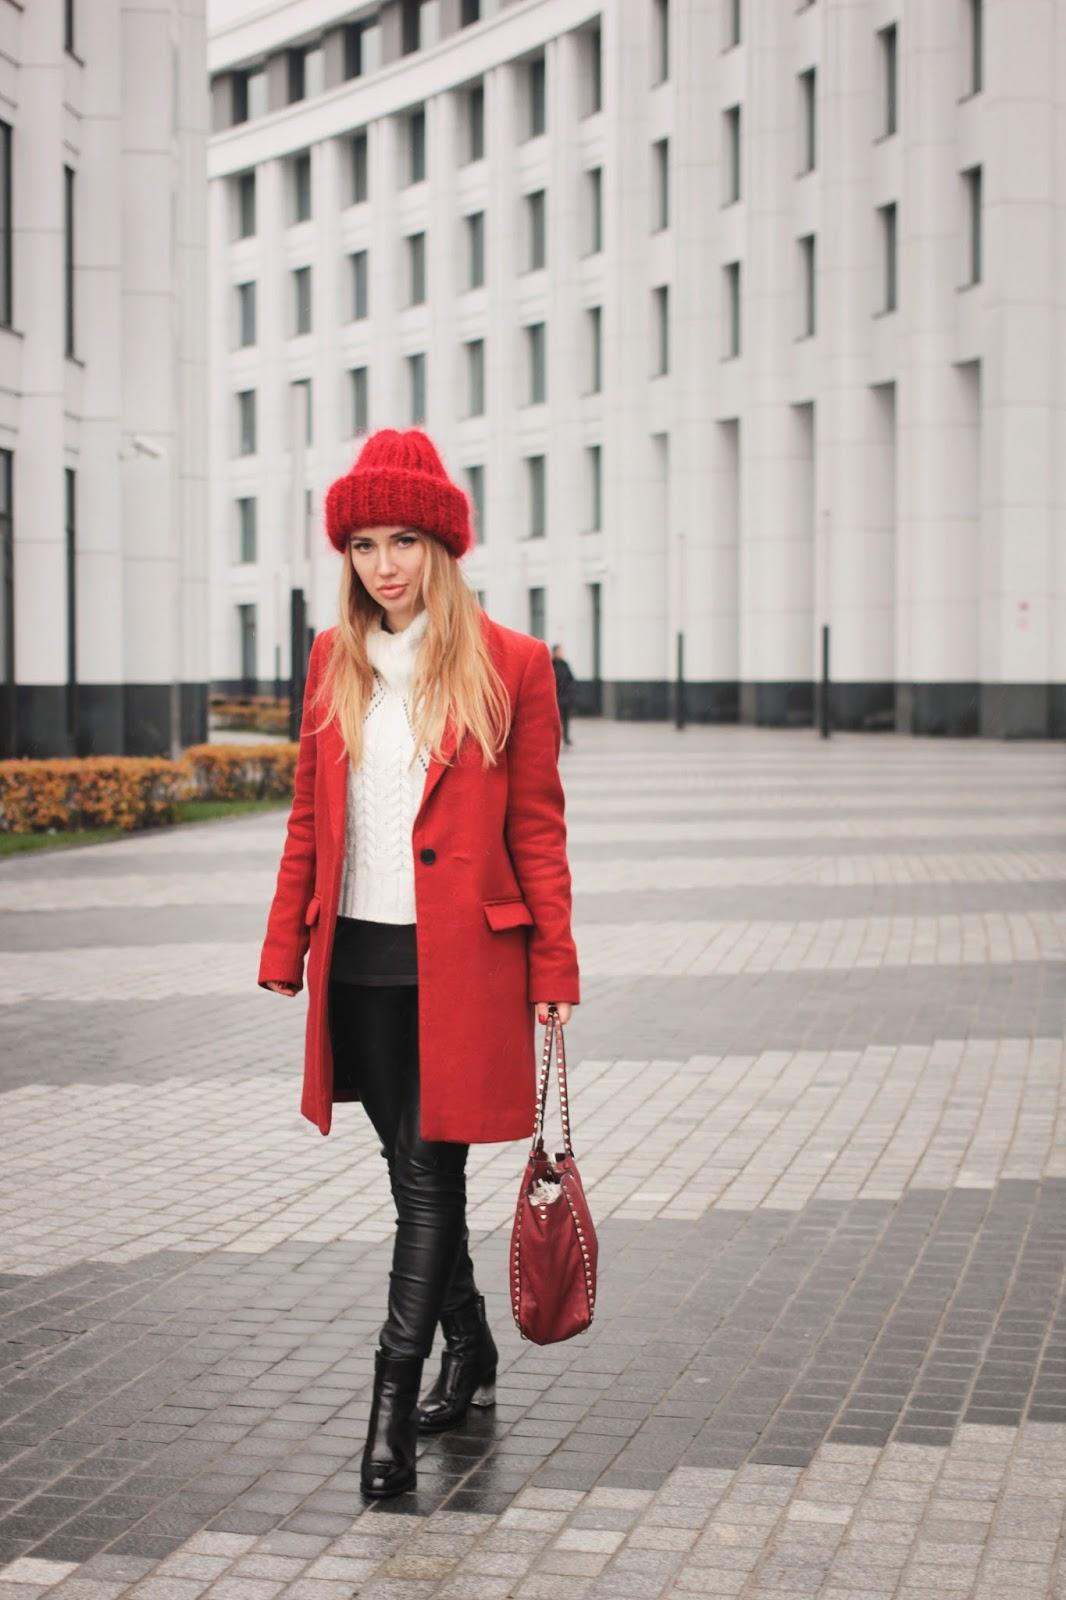 модные блоггеры зима 2016, модные блоггеры новинки зима 2016 2017, модный блоггер зима фото